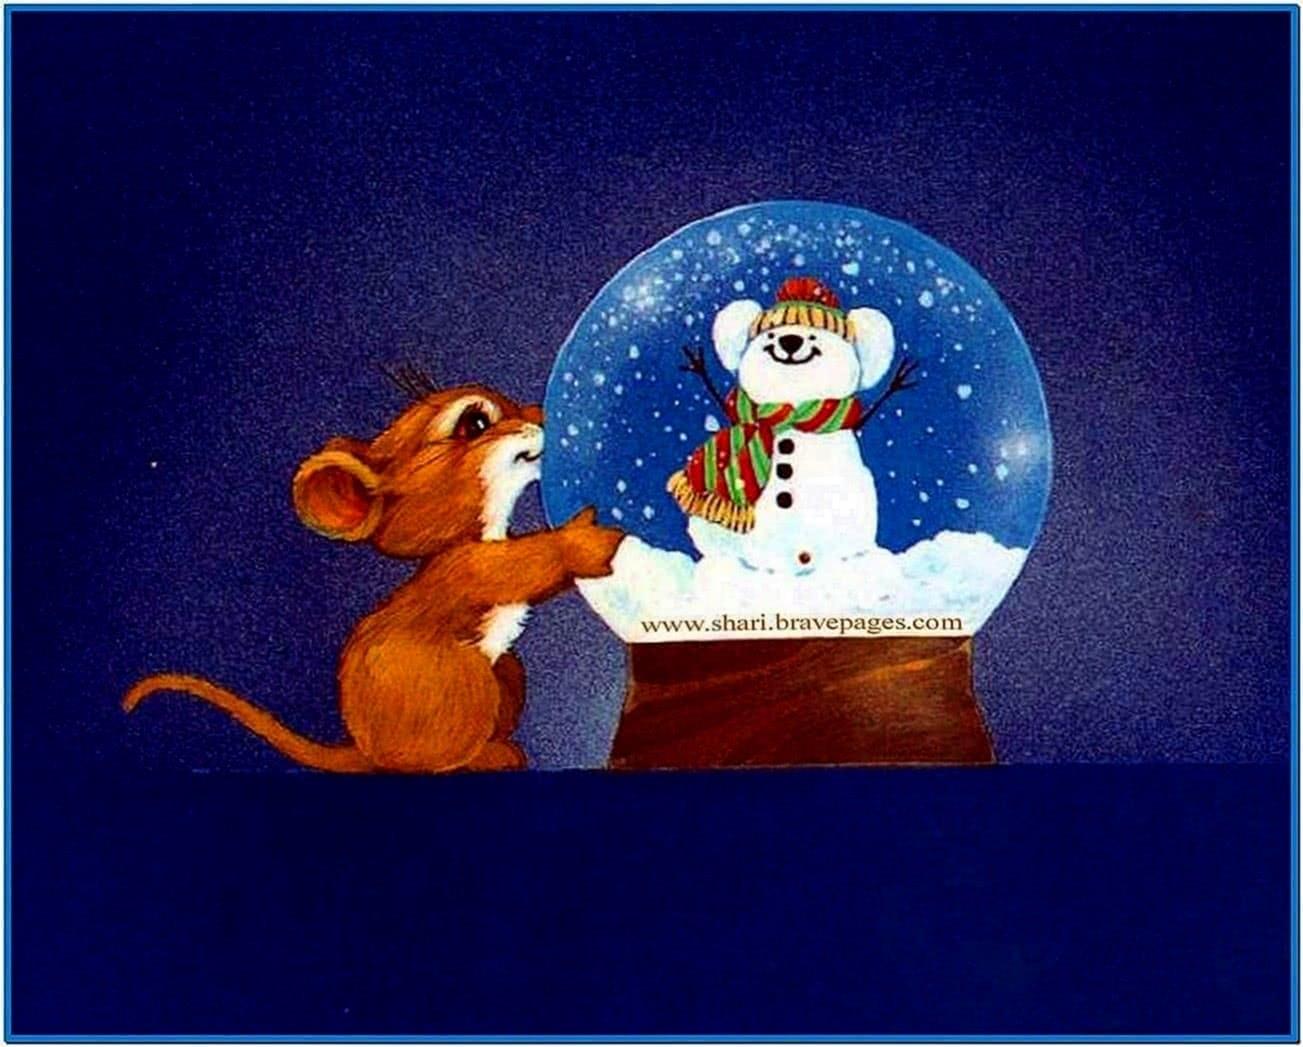 Christmas snow globe screensavers